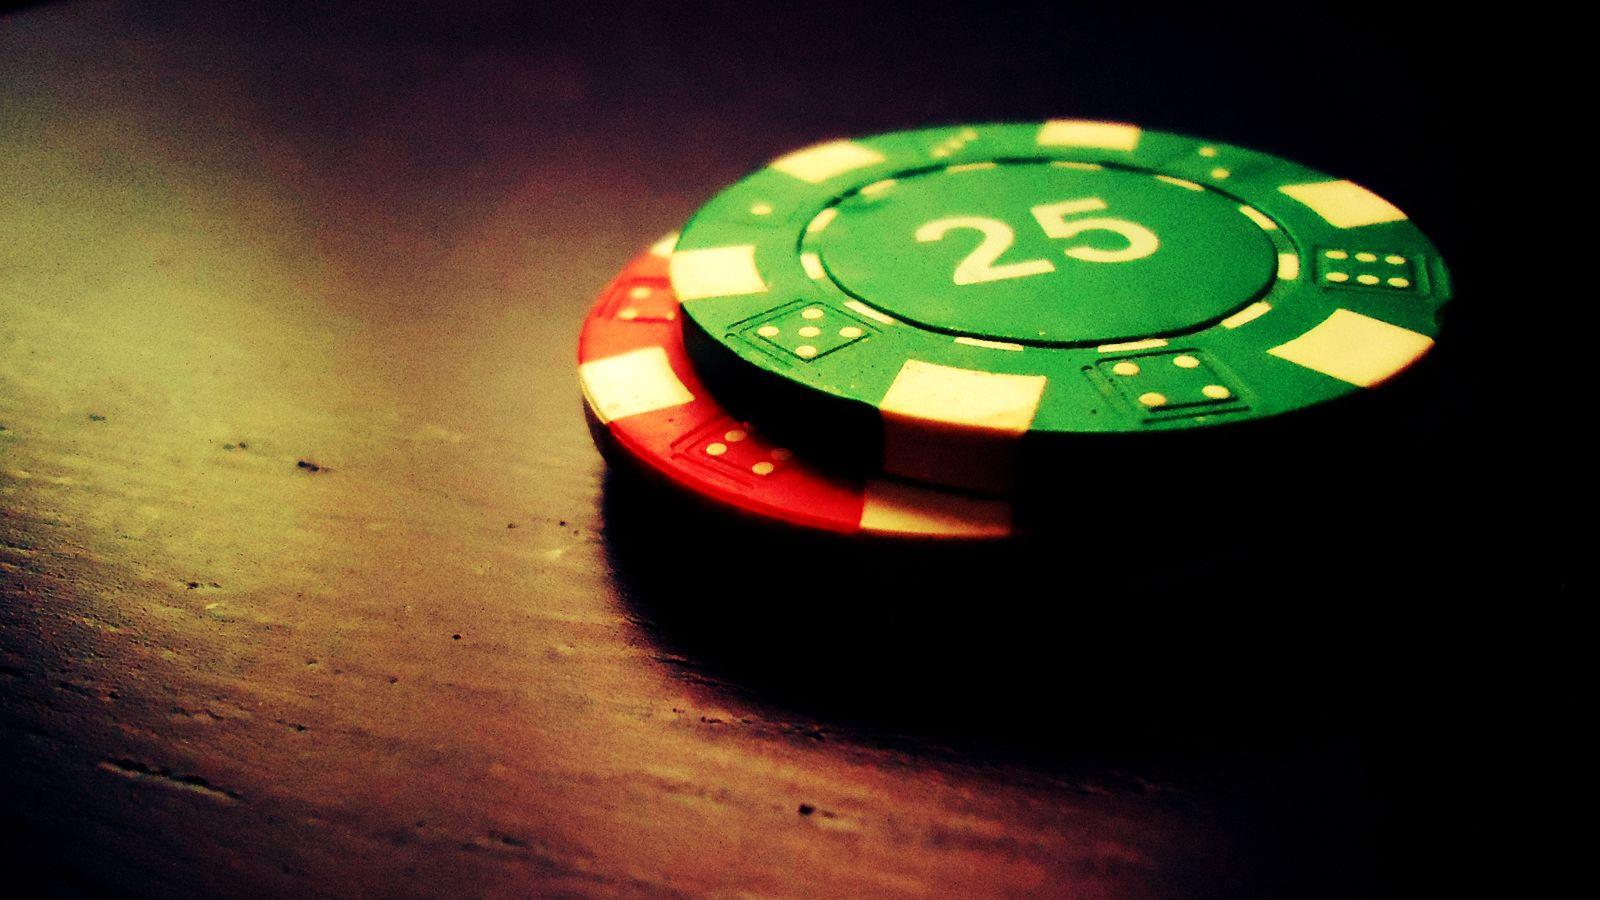 poker-chip-wallpaper-4.jpg